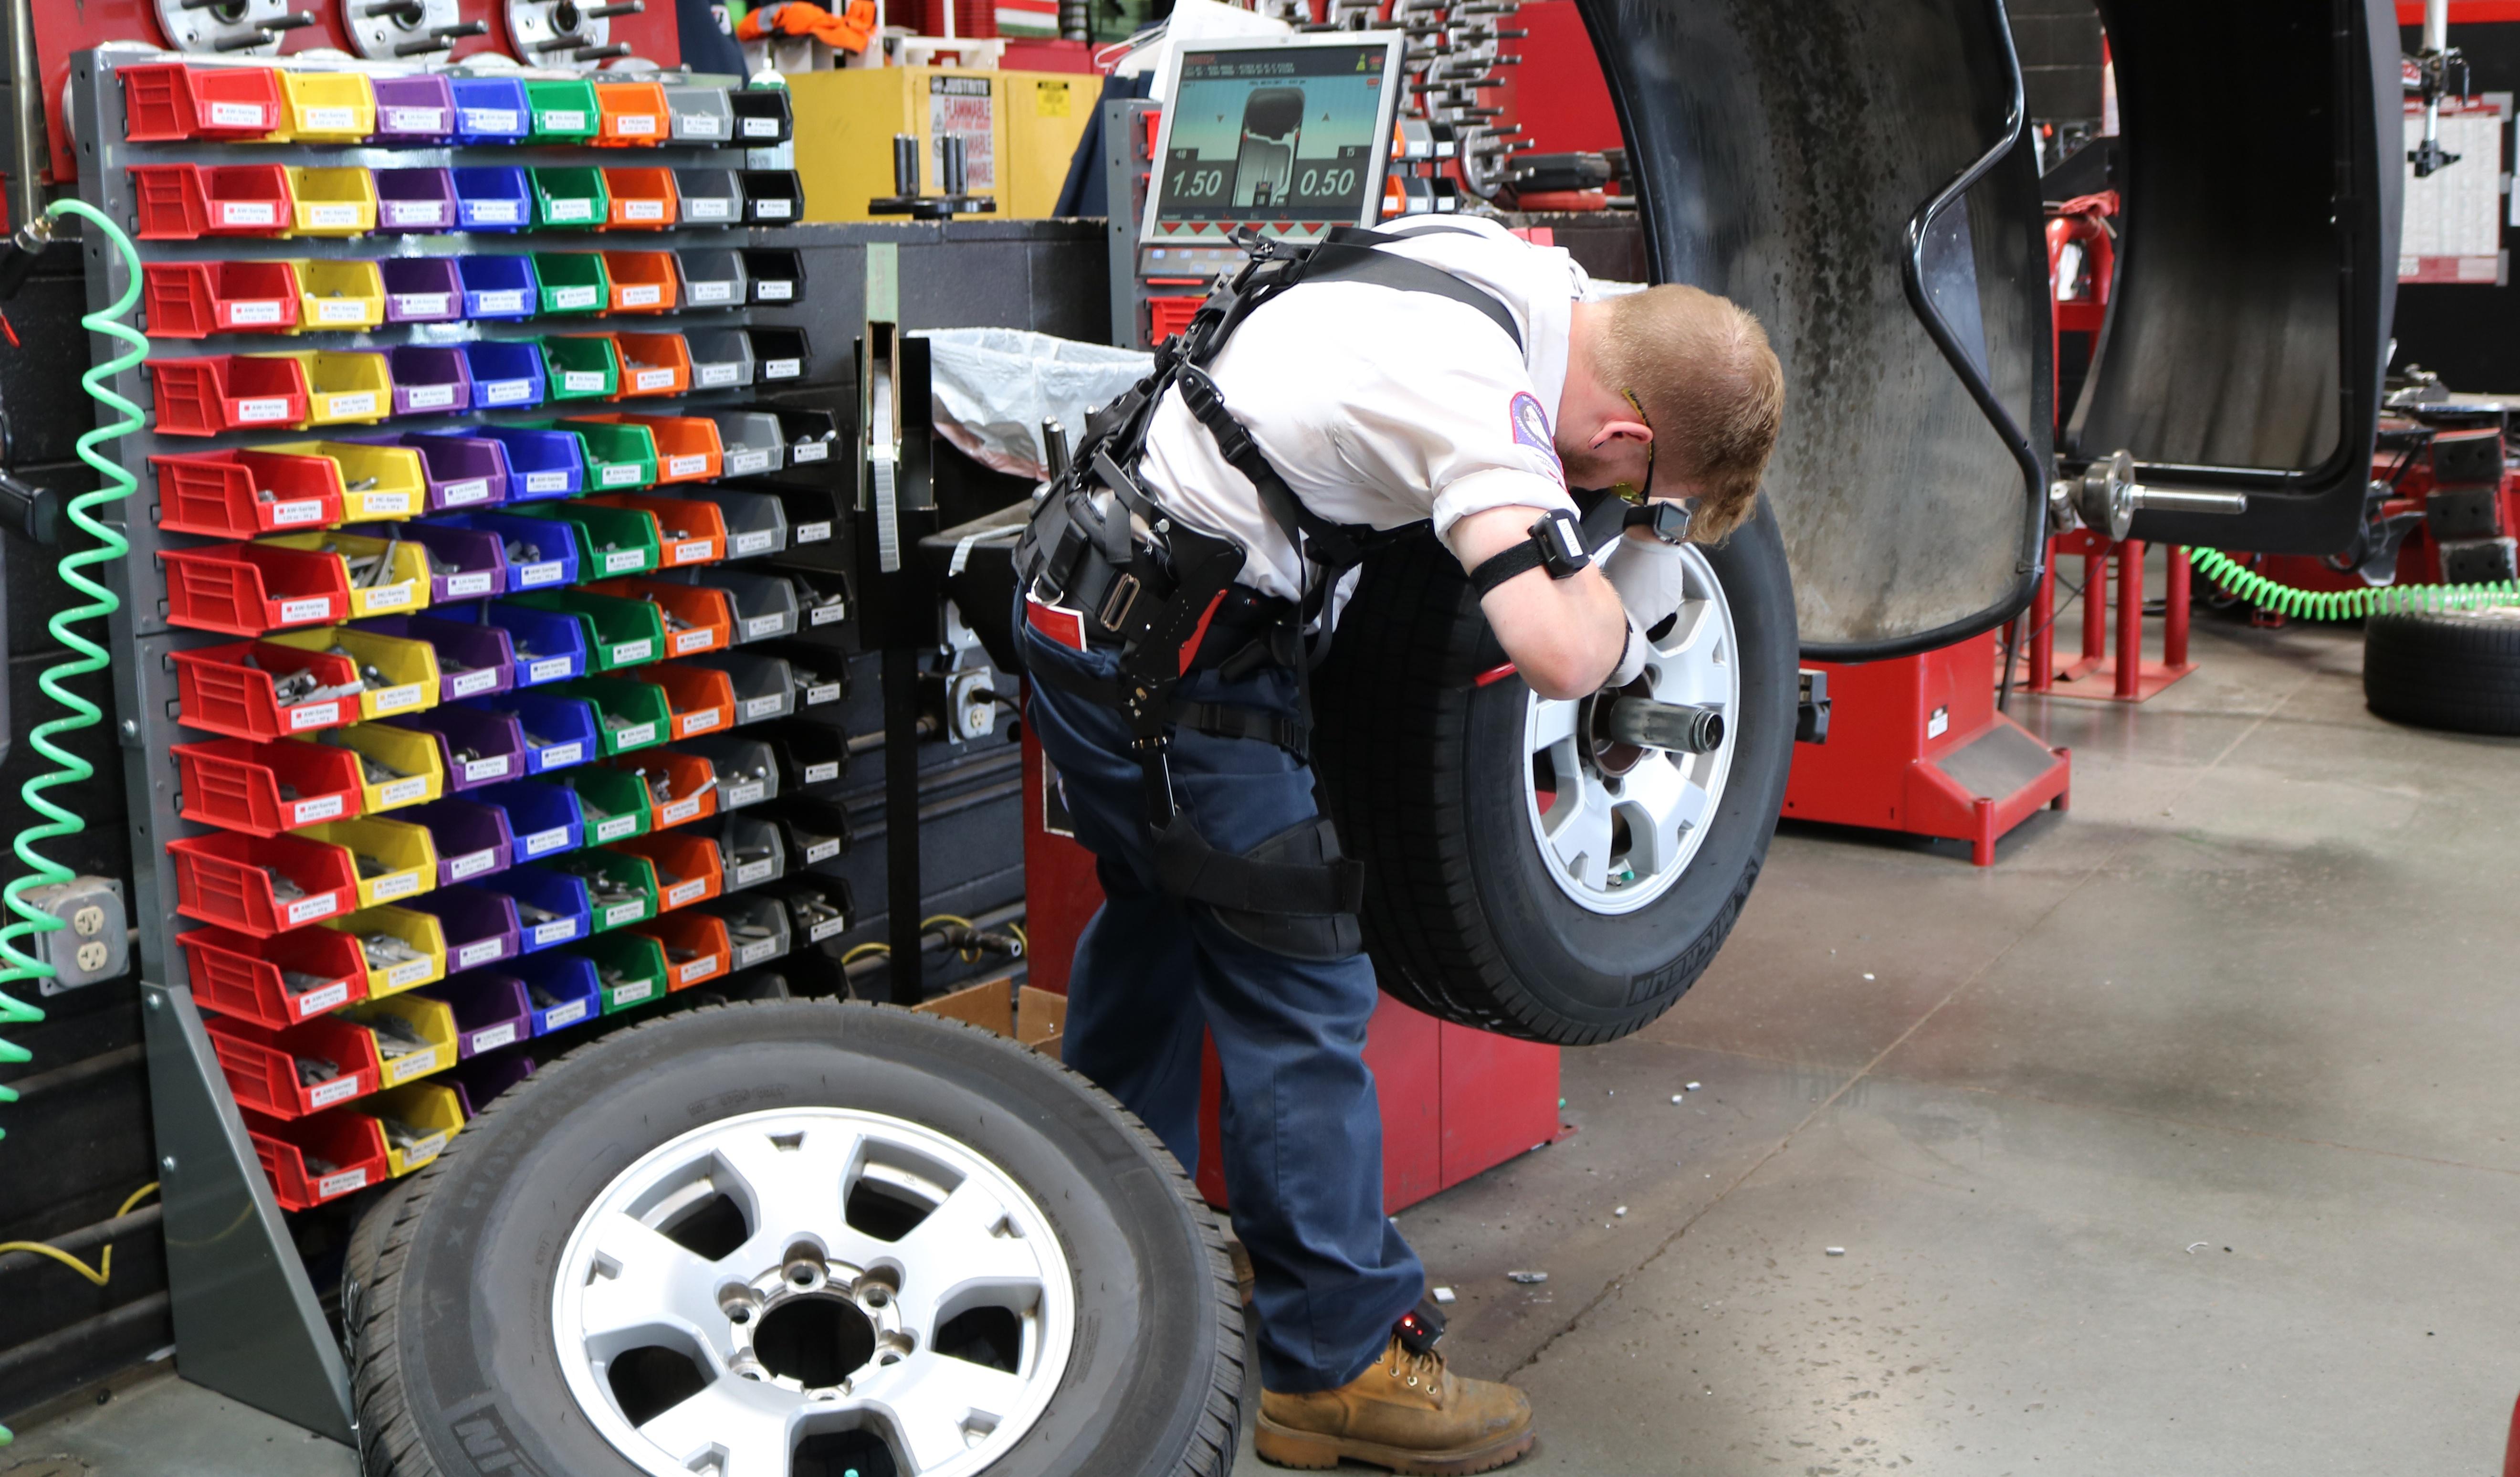 Worker wearing exoskeleton